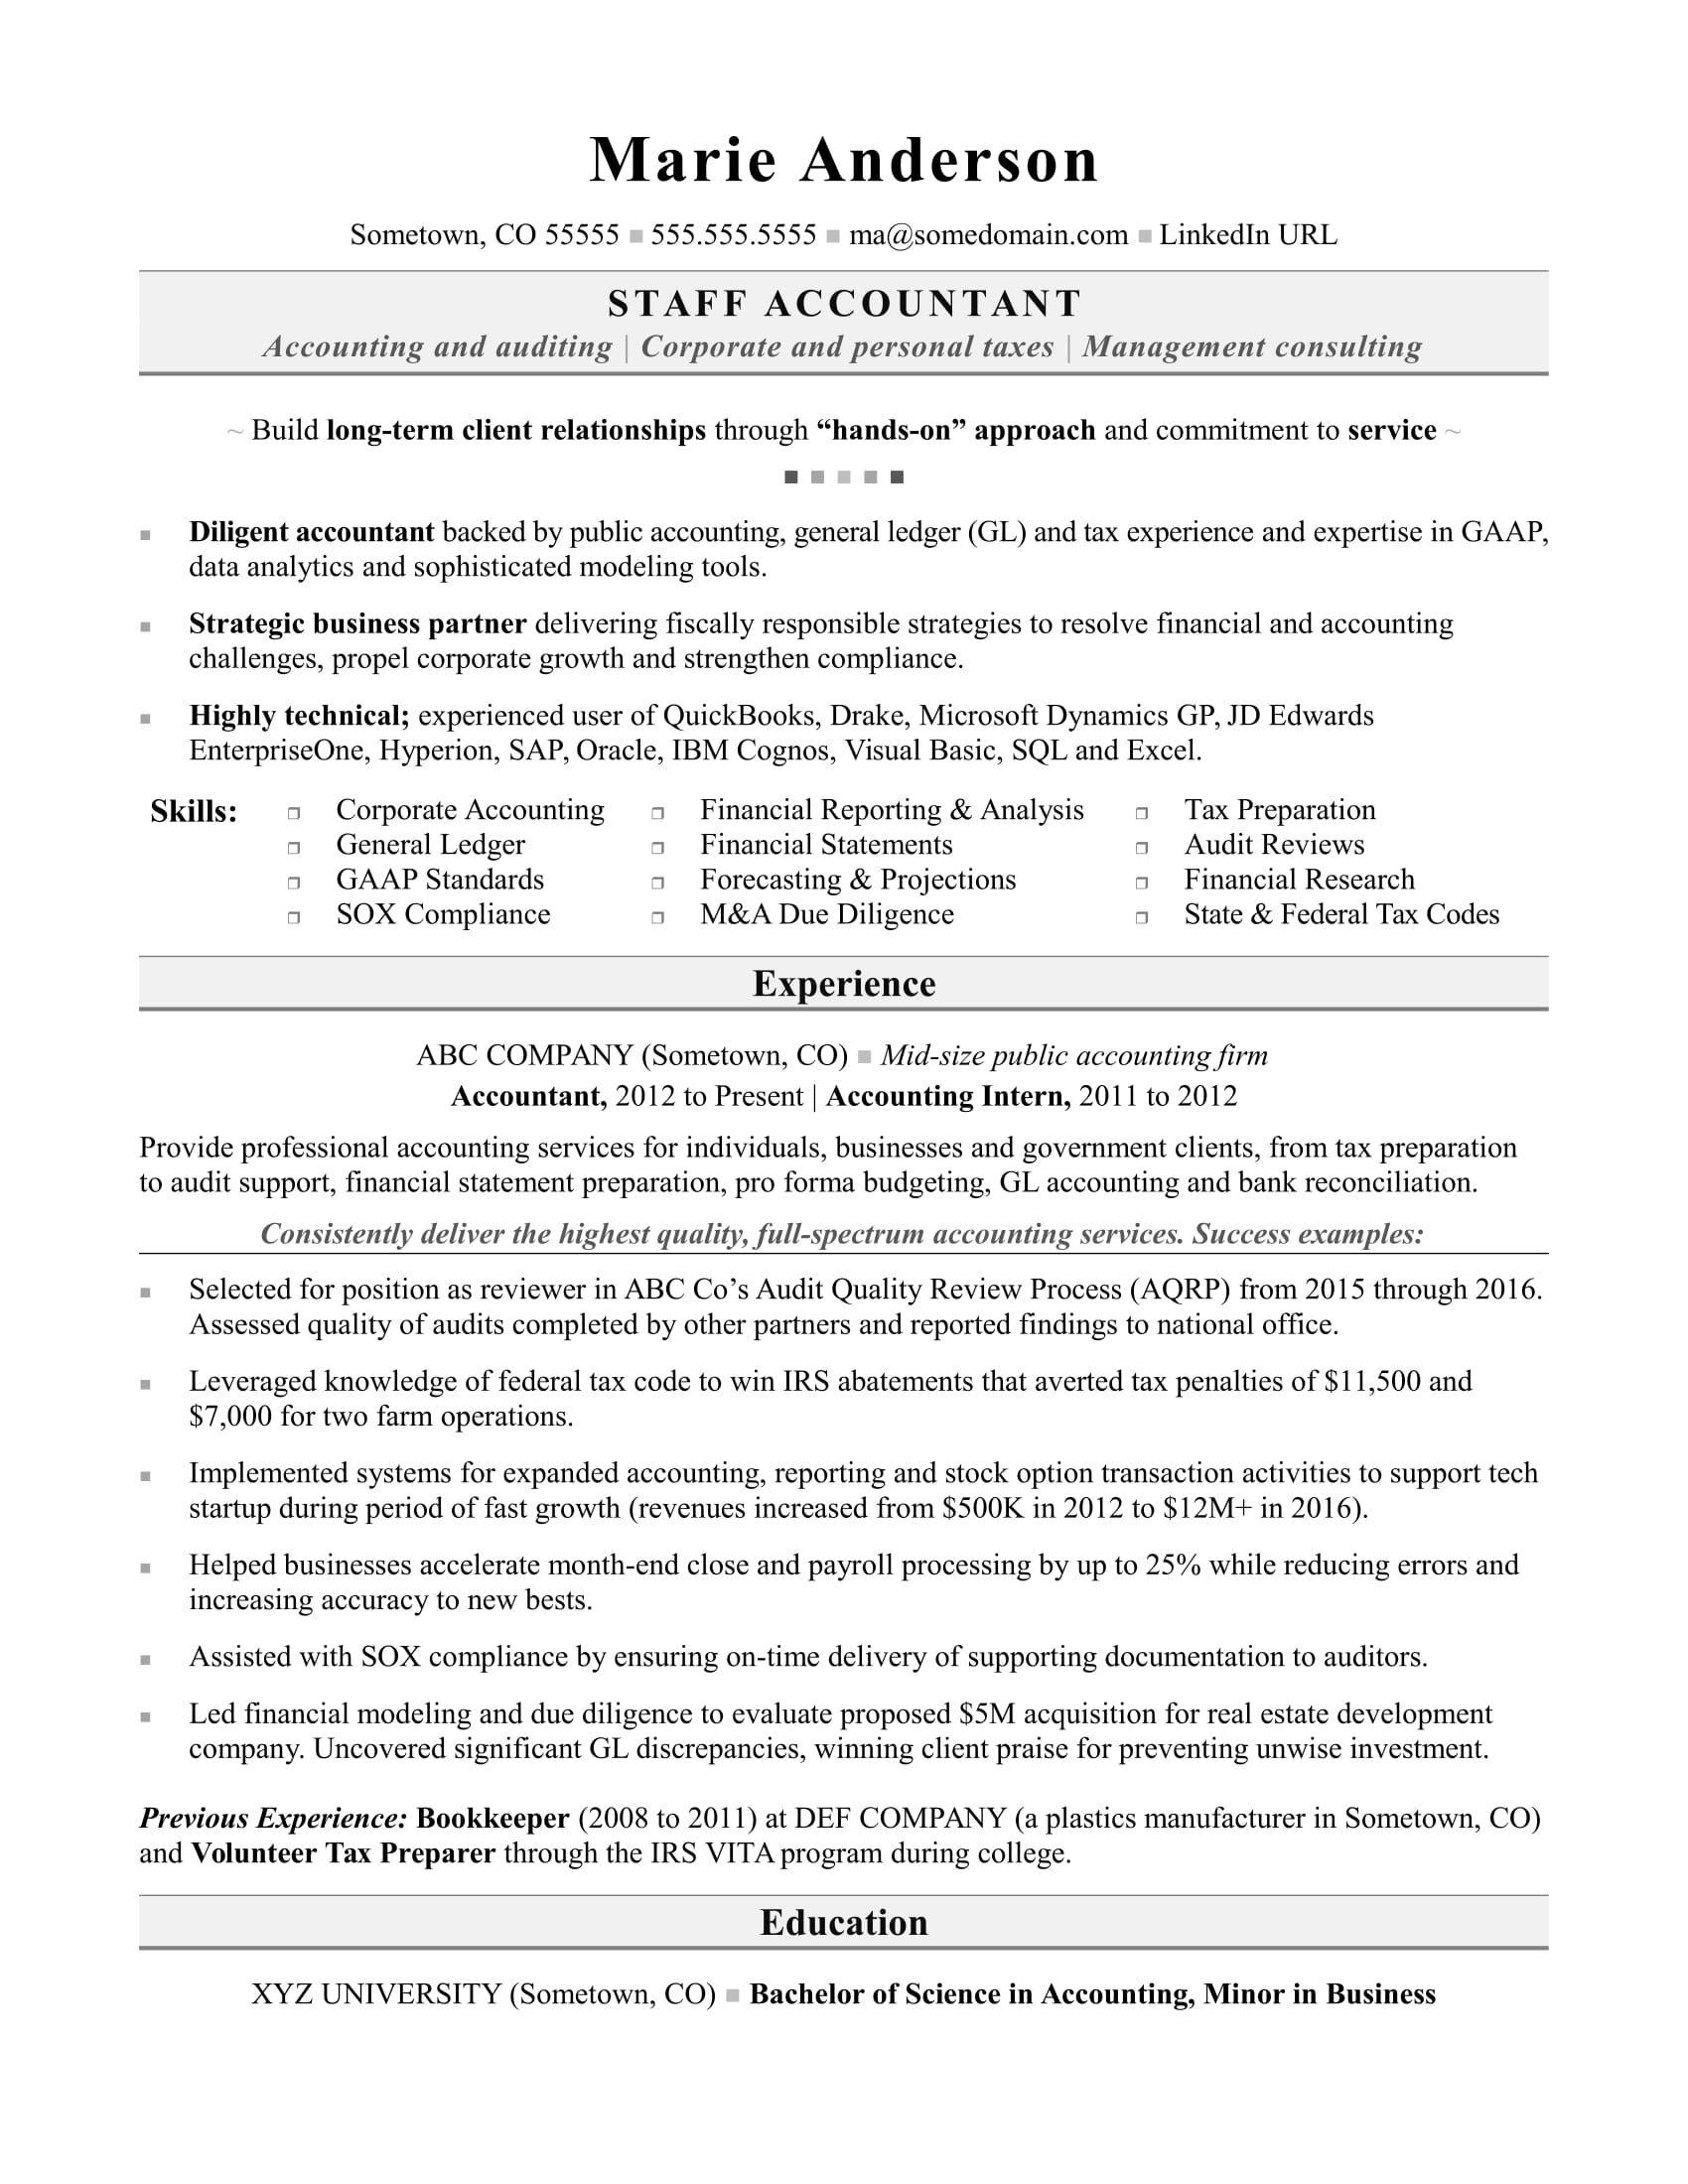 Senior Accountant Consultant Accountant Resume Nursing Resume